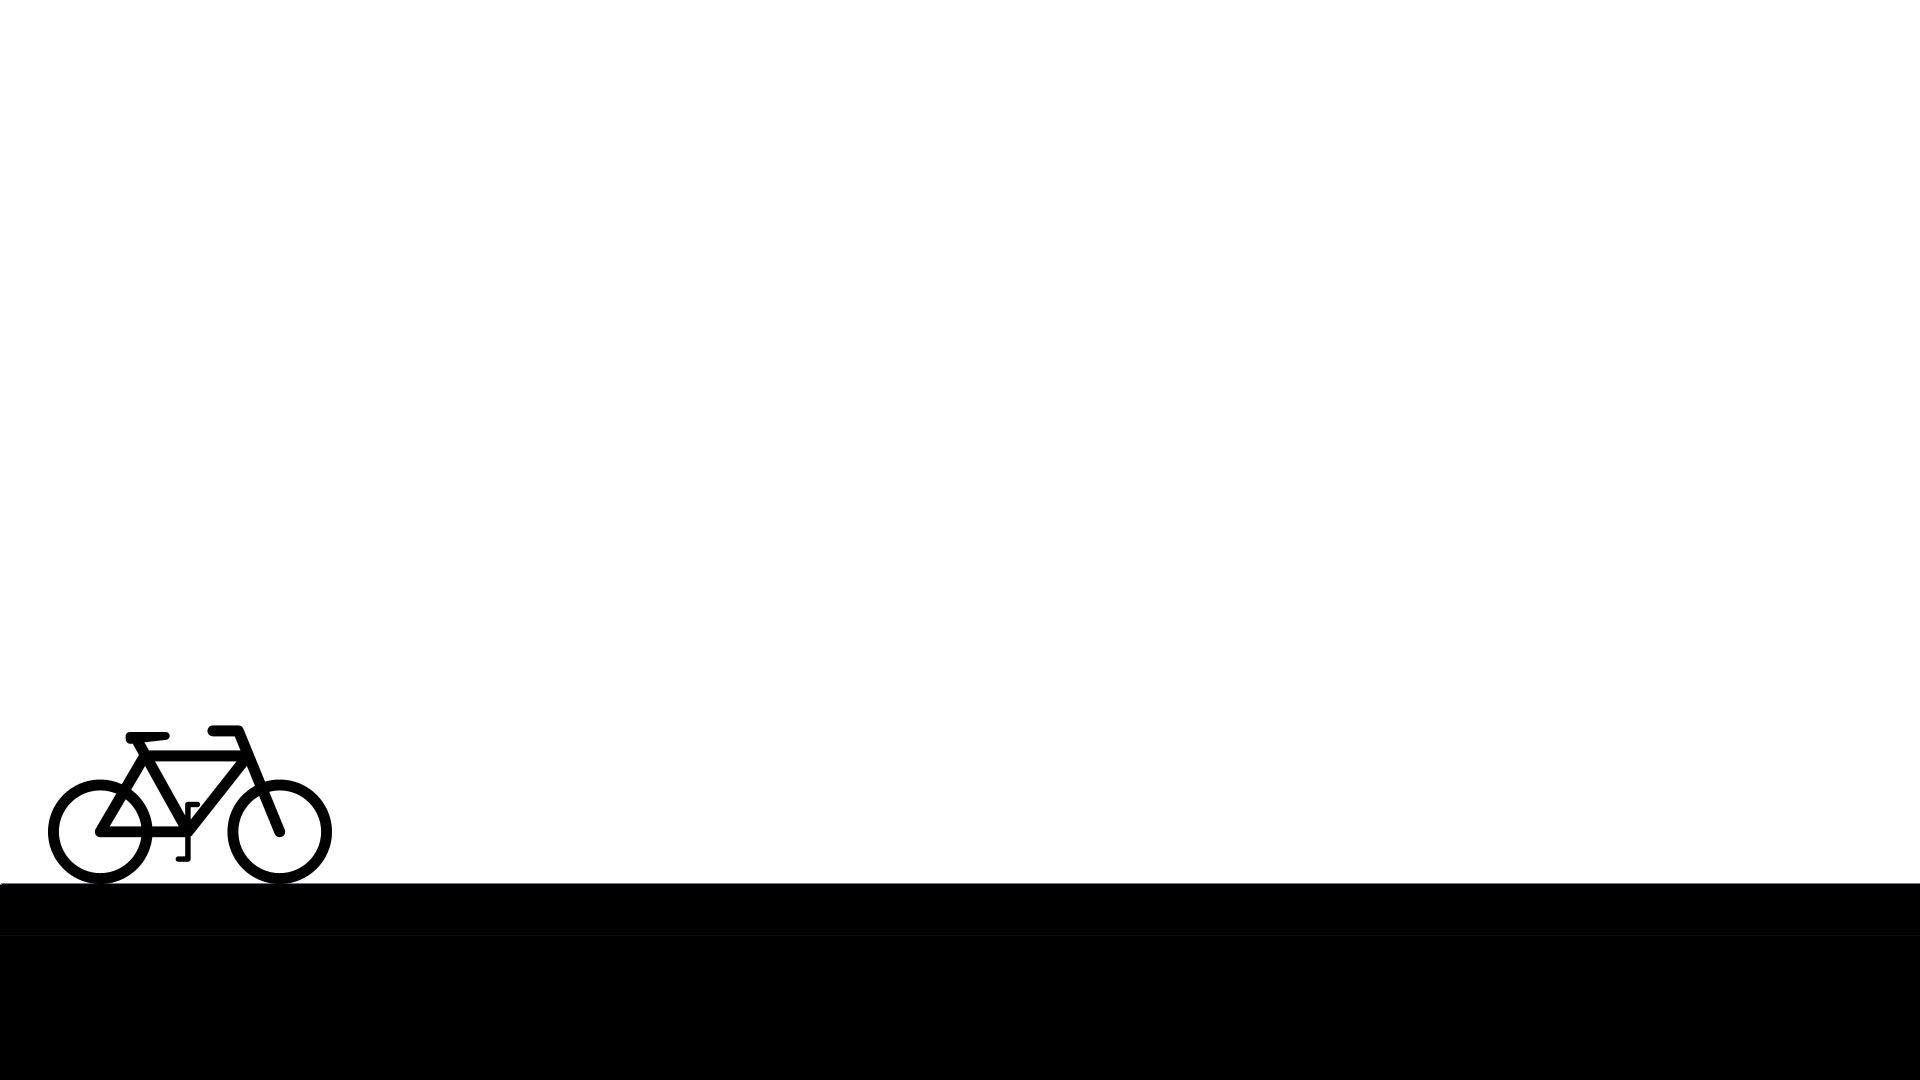 Hình nền powerpoint trắng đen